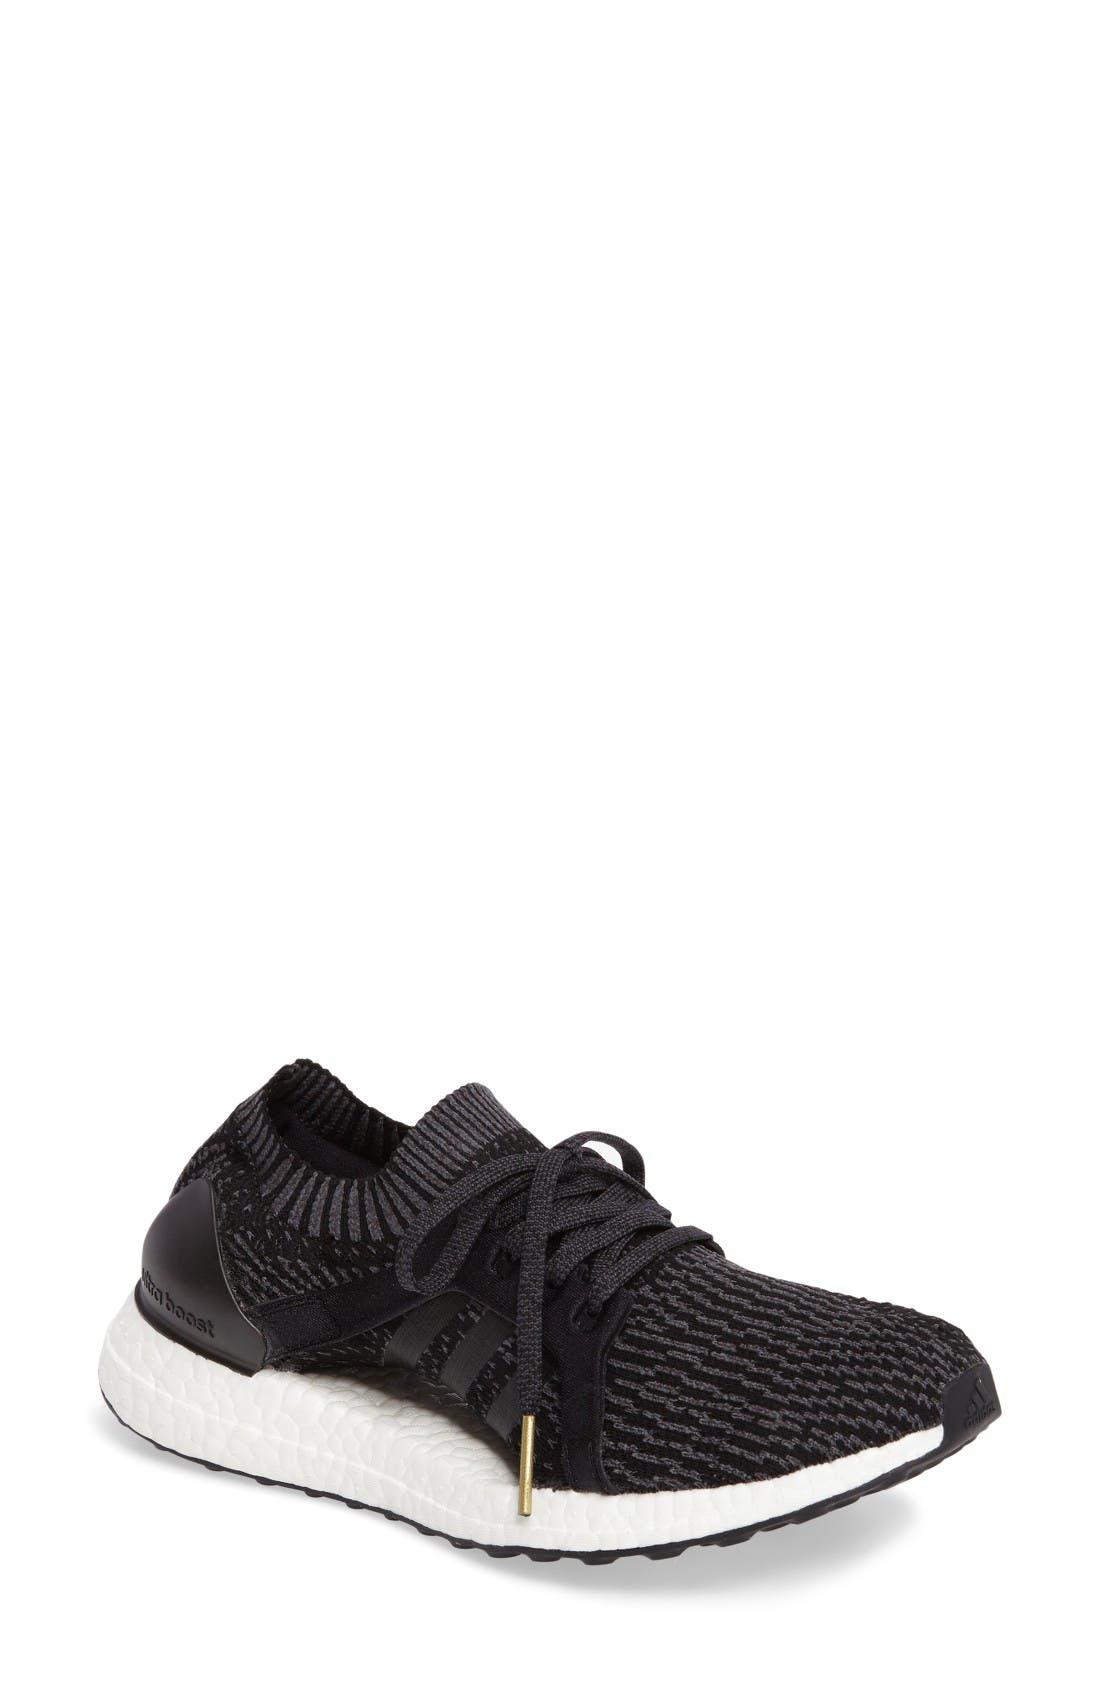 ADIDAS UltraBoost X Sneaker